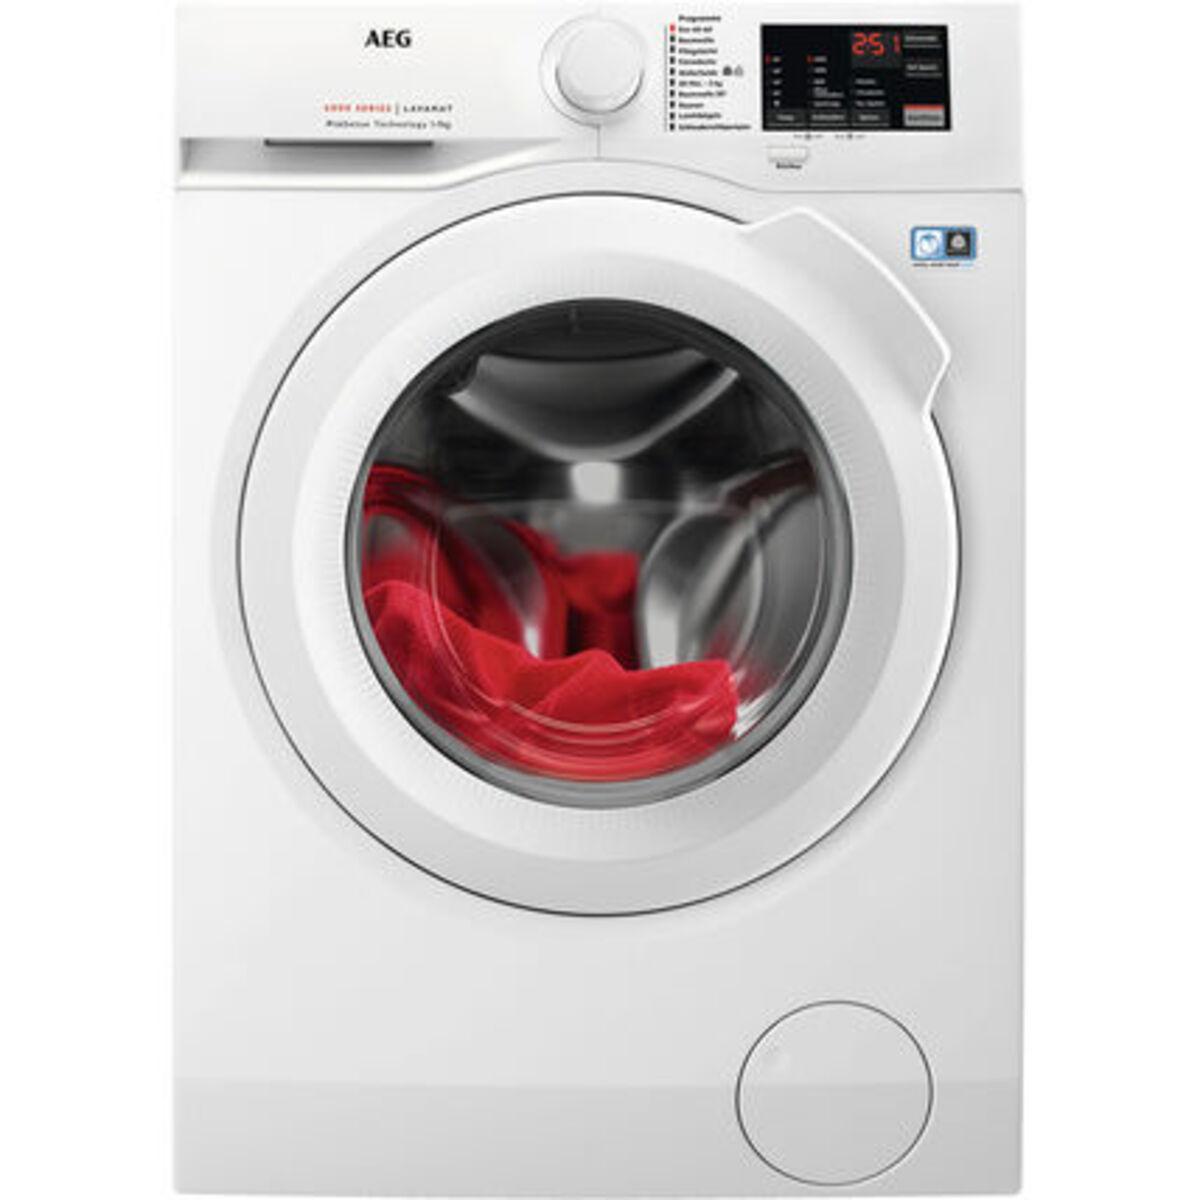 Bild 1 von AEG Lavamat L6FBA5470 Waschmaschine, A+++